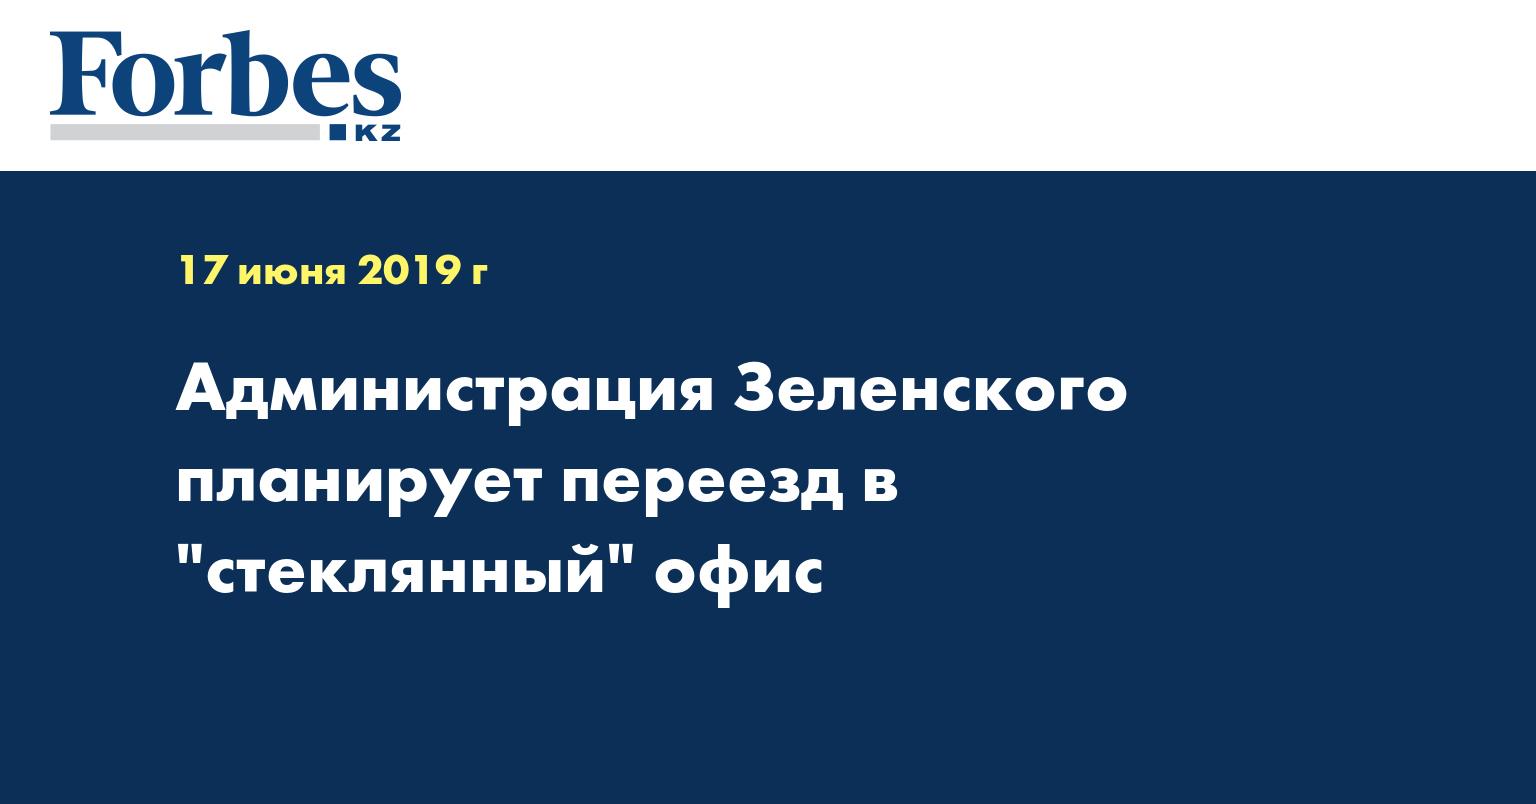 """Администрация Зеленского планирует переезд в """"стеклянный"""" офис"""